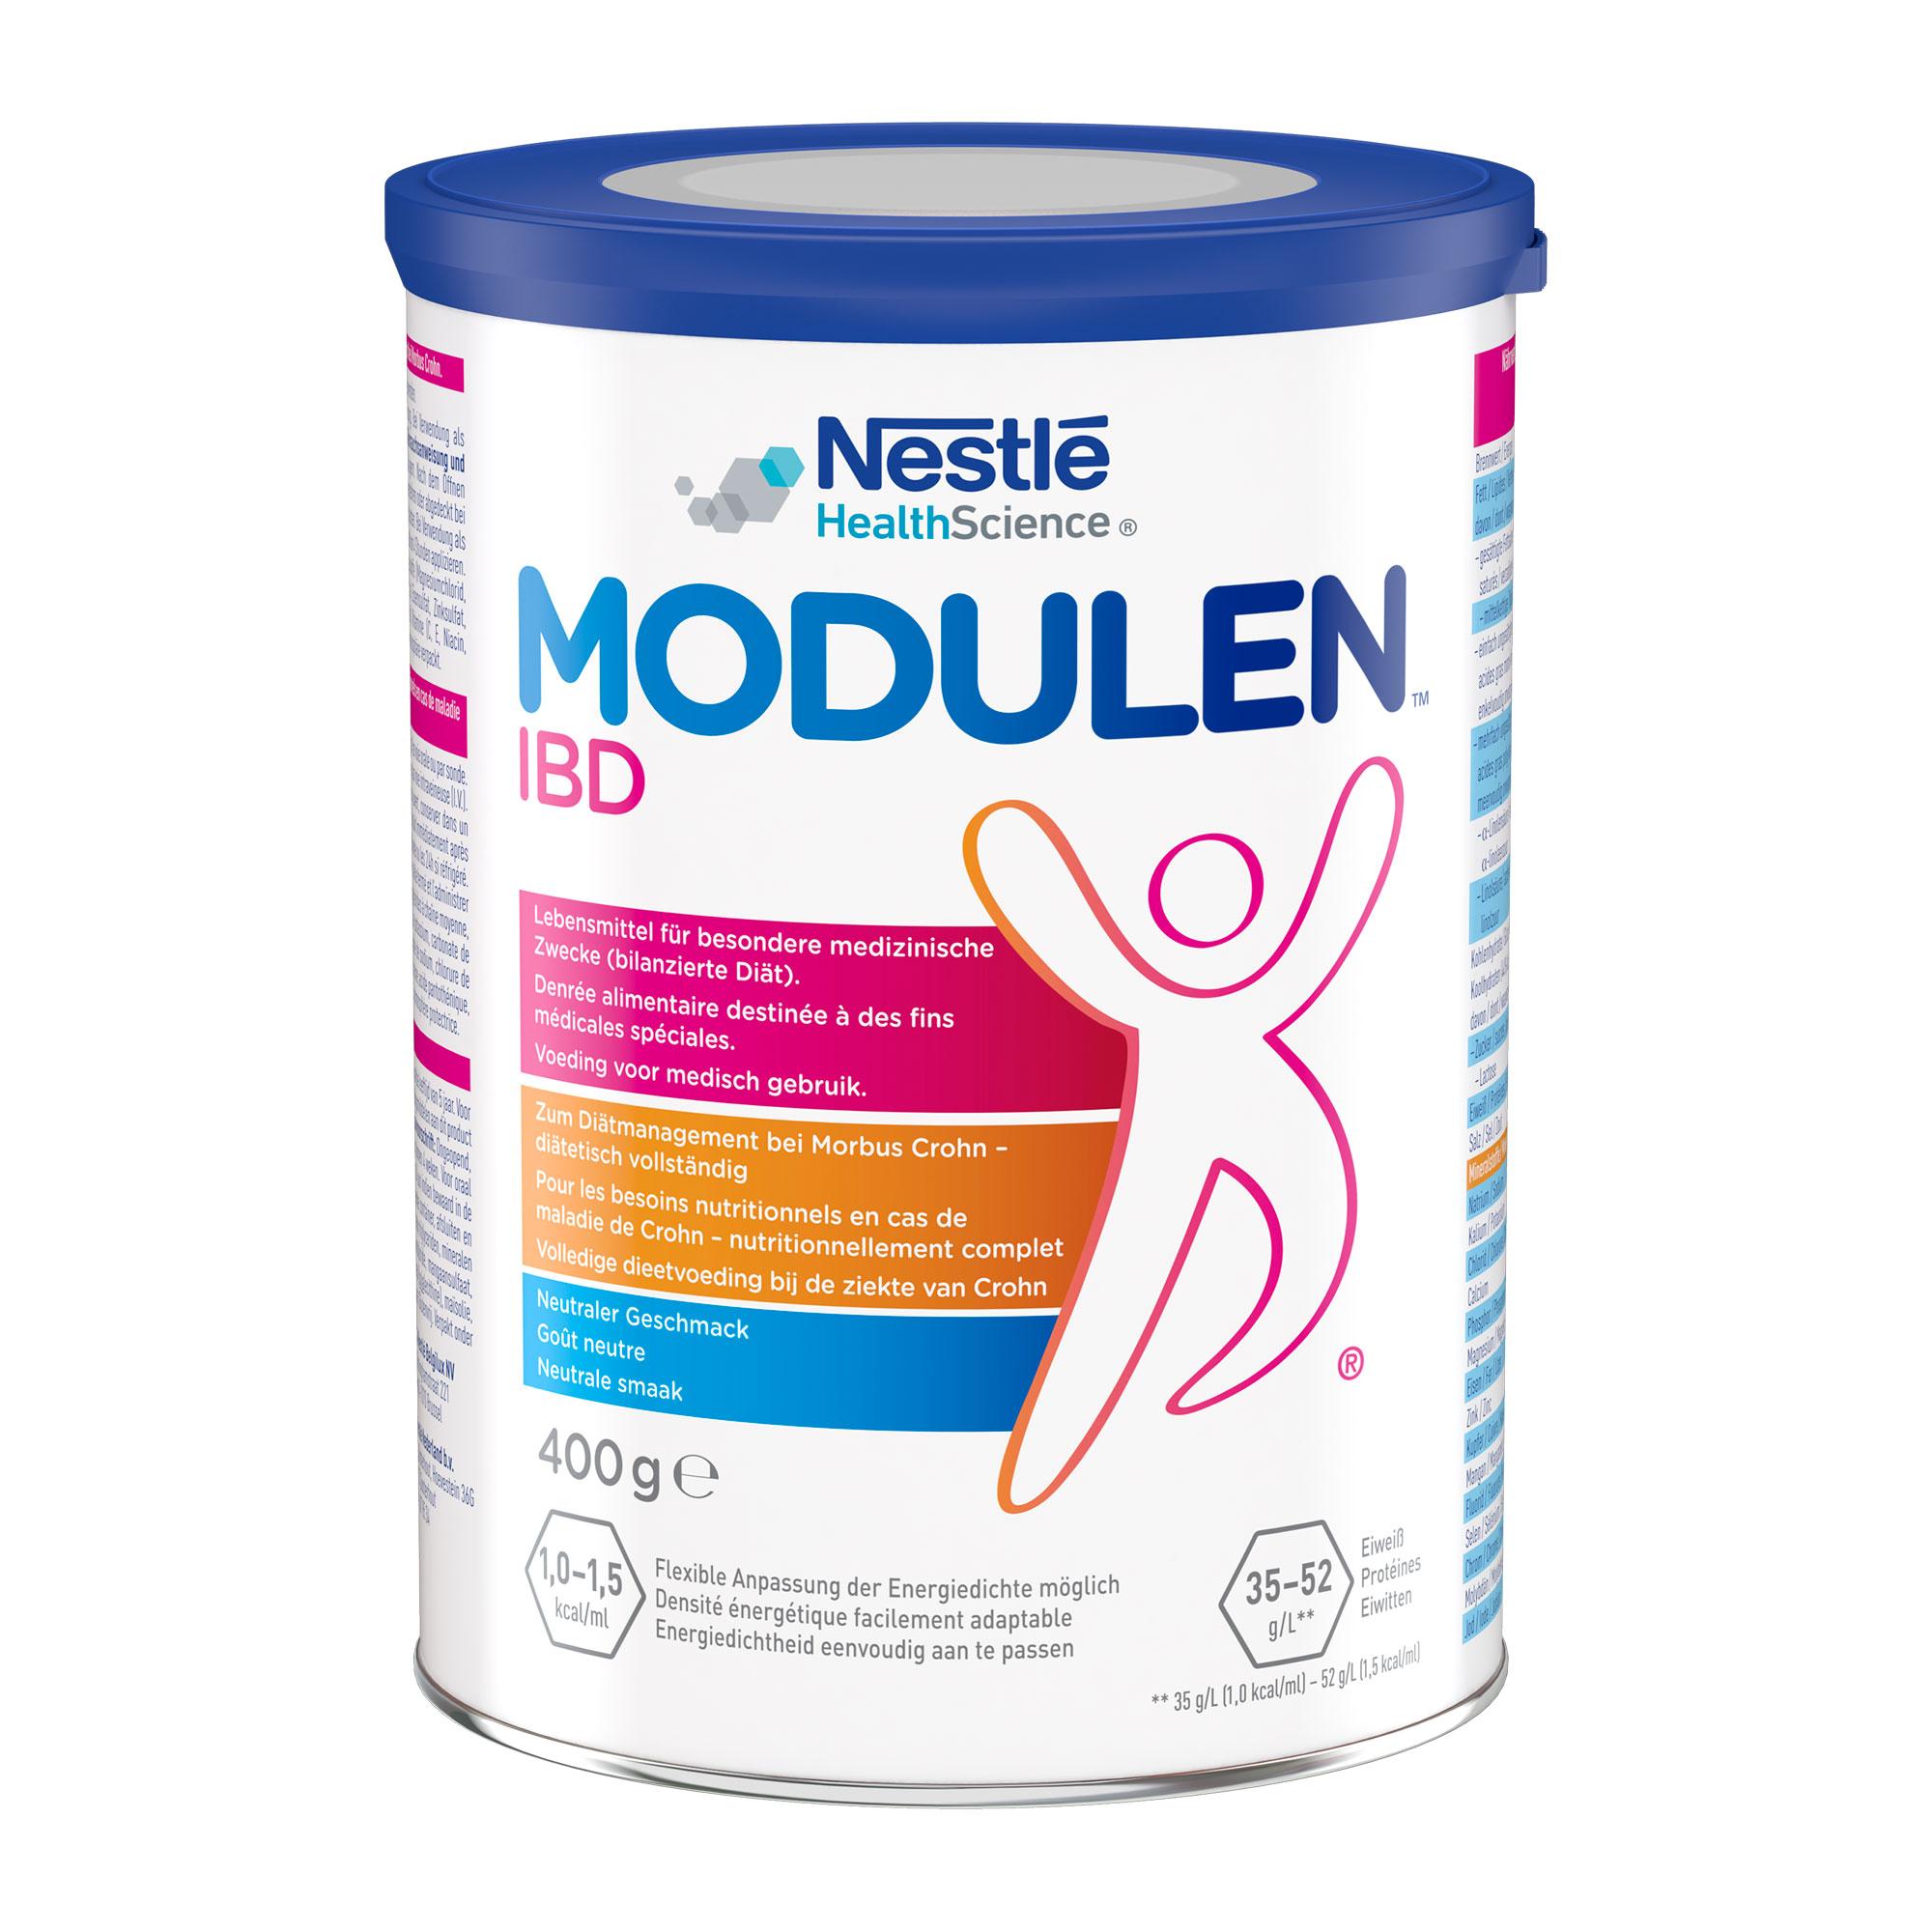 Nestle Modulen IBD Pulver